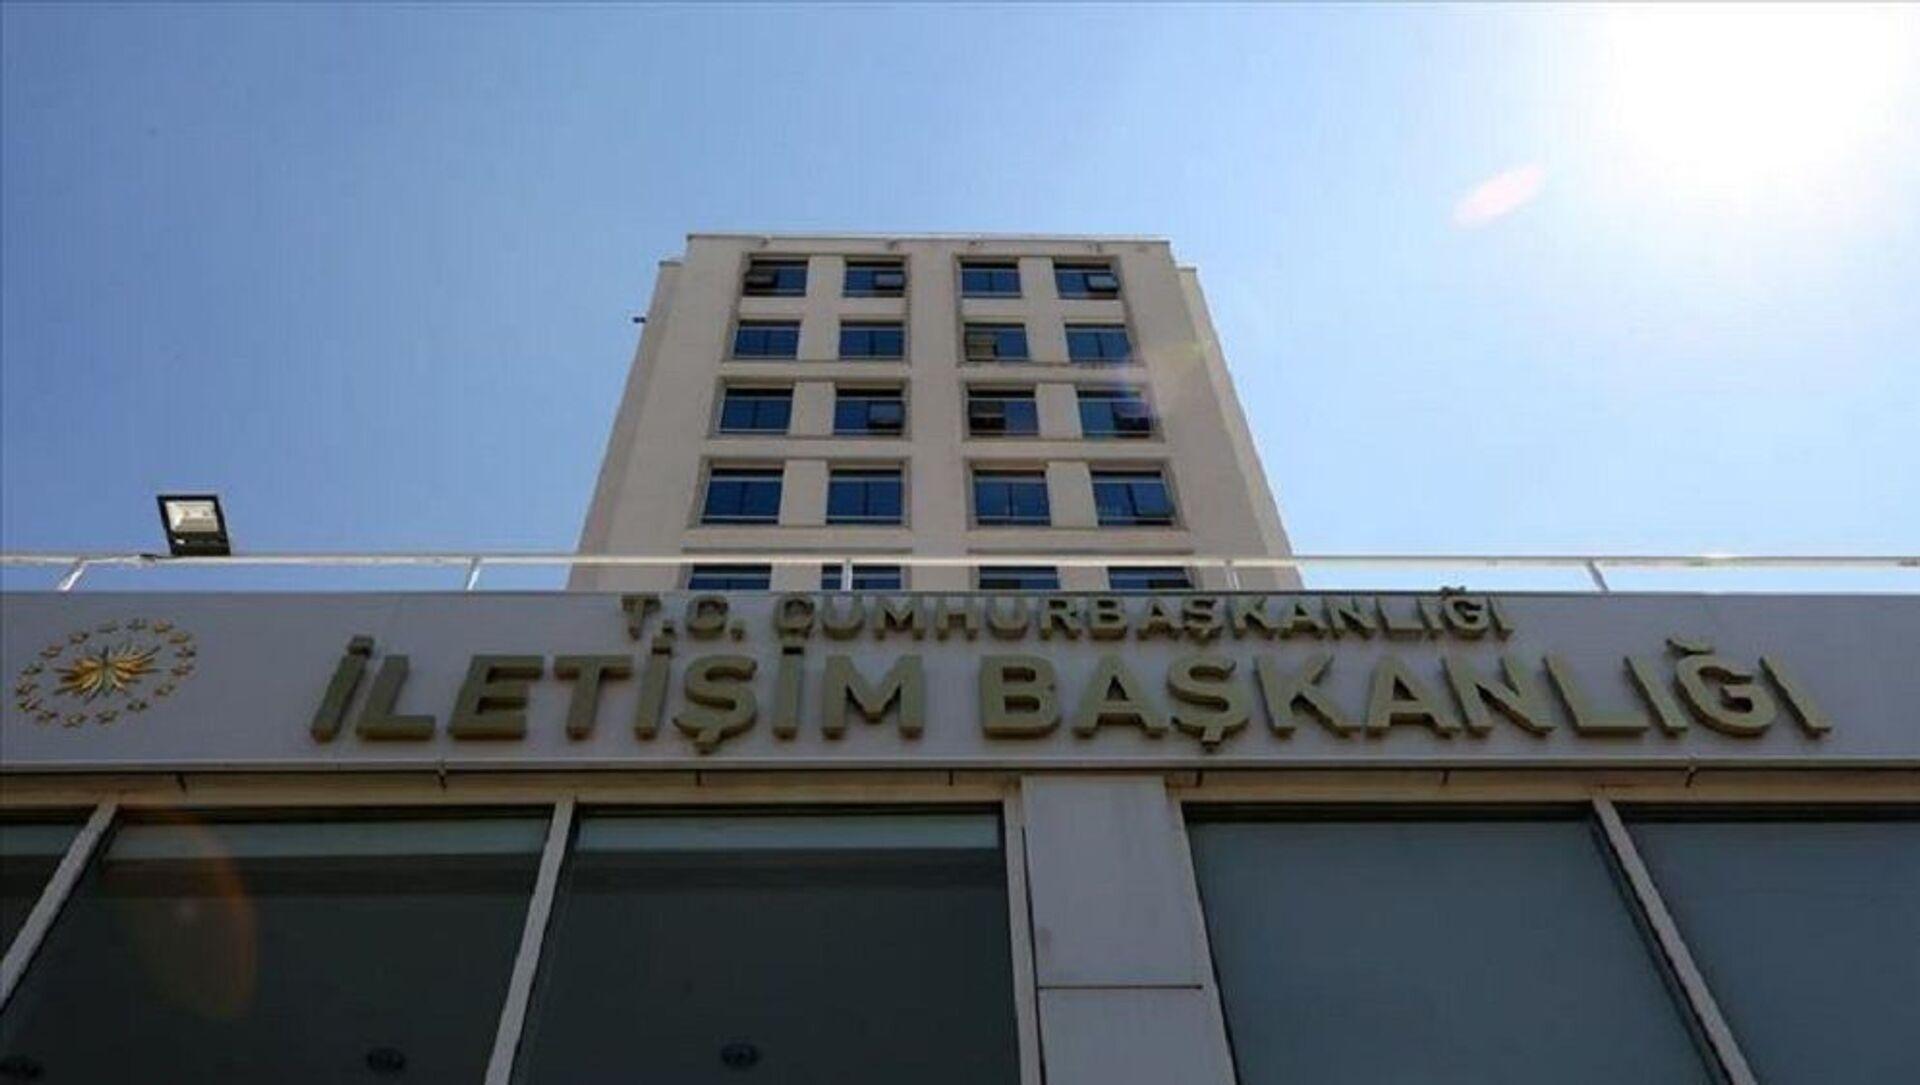 İletişim Başkanlığı - Sputnik Türkiye, 1920, 23.07.2021